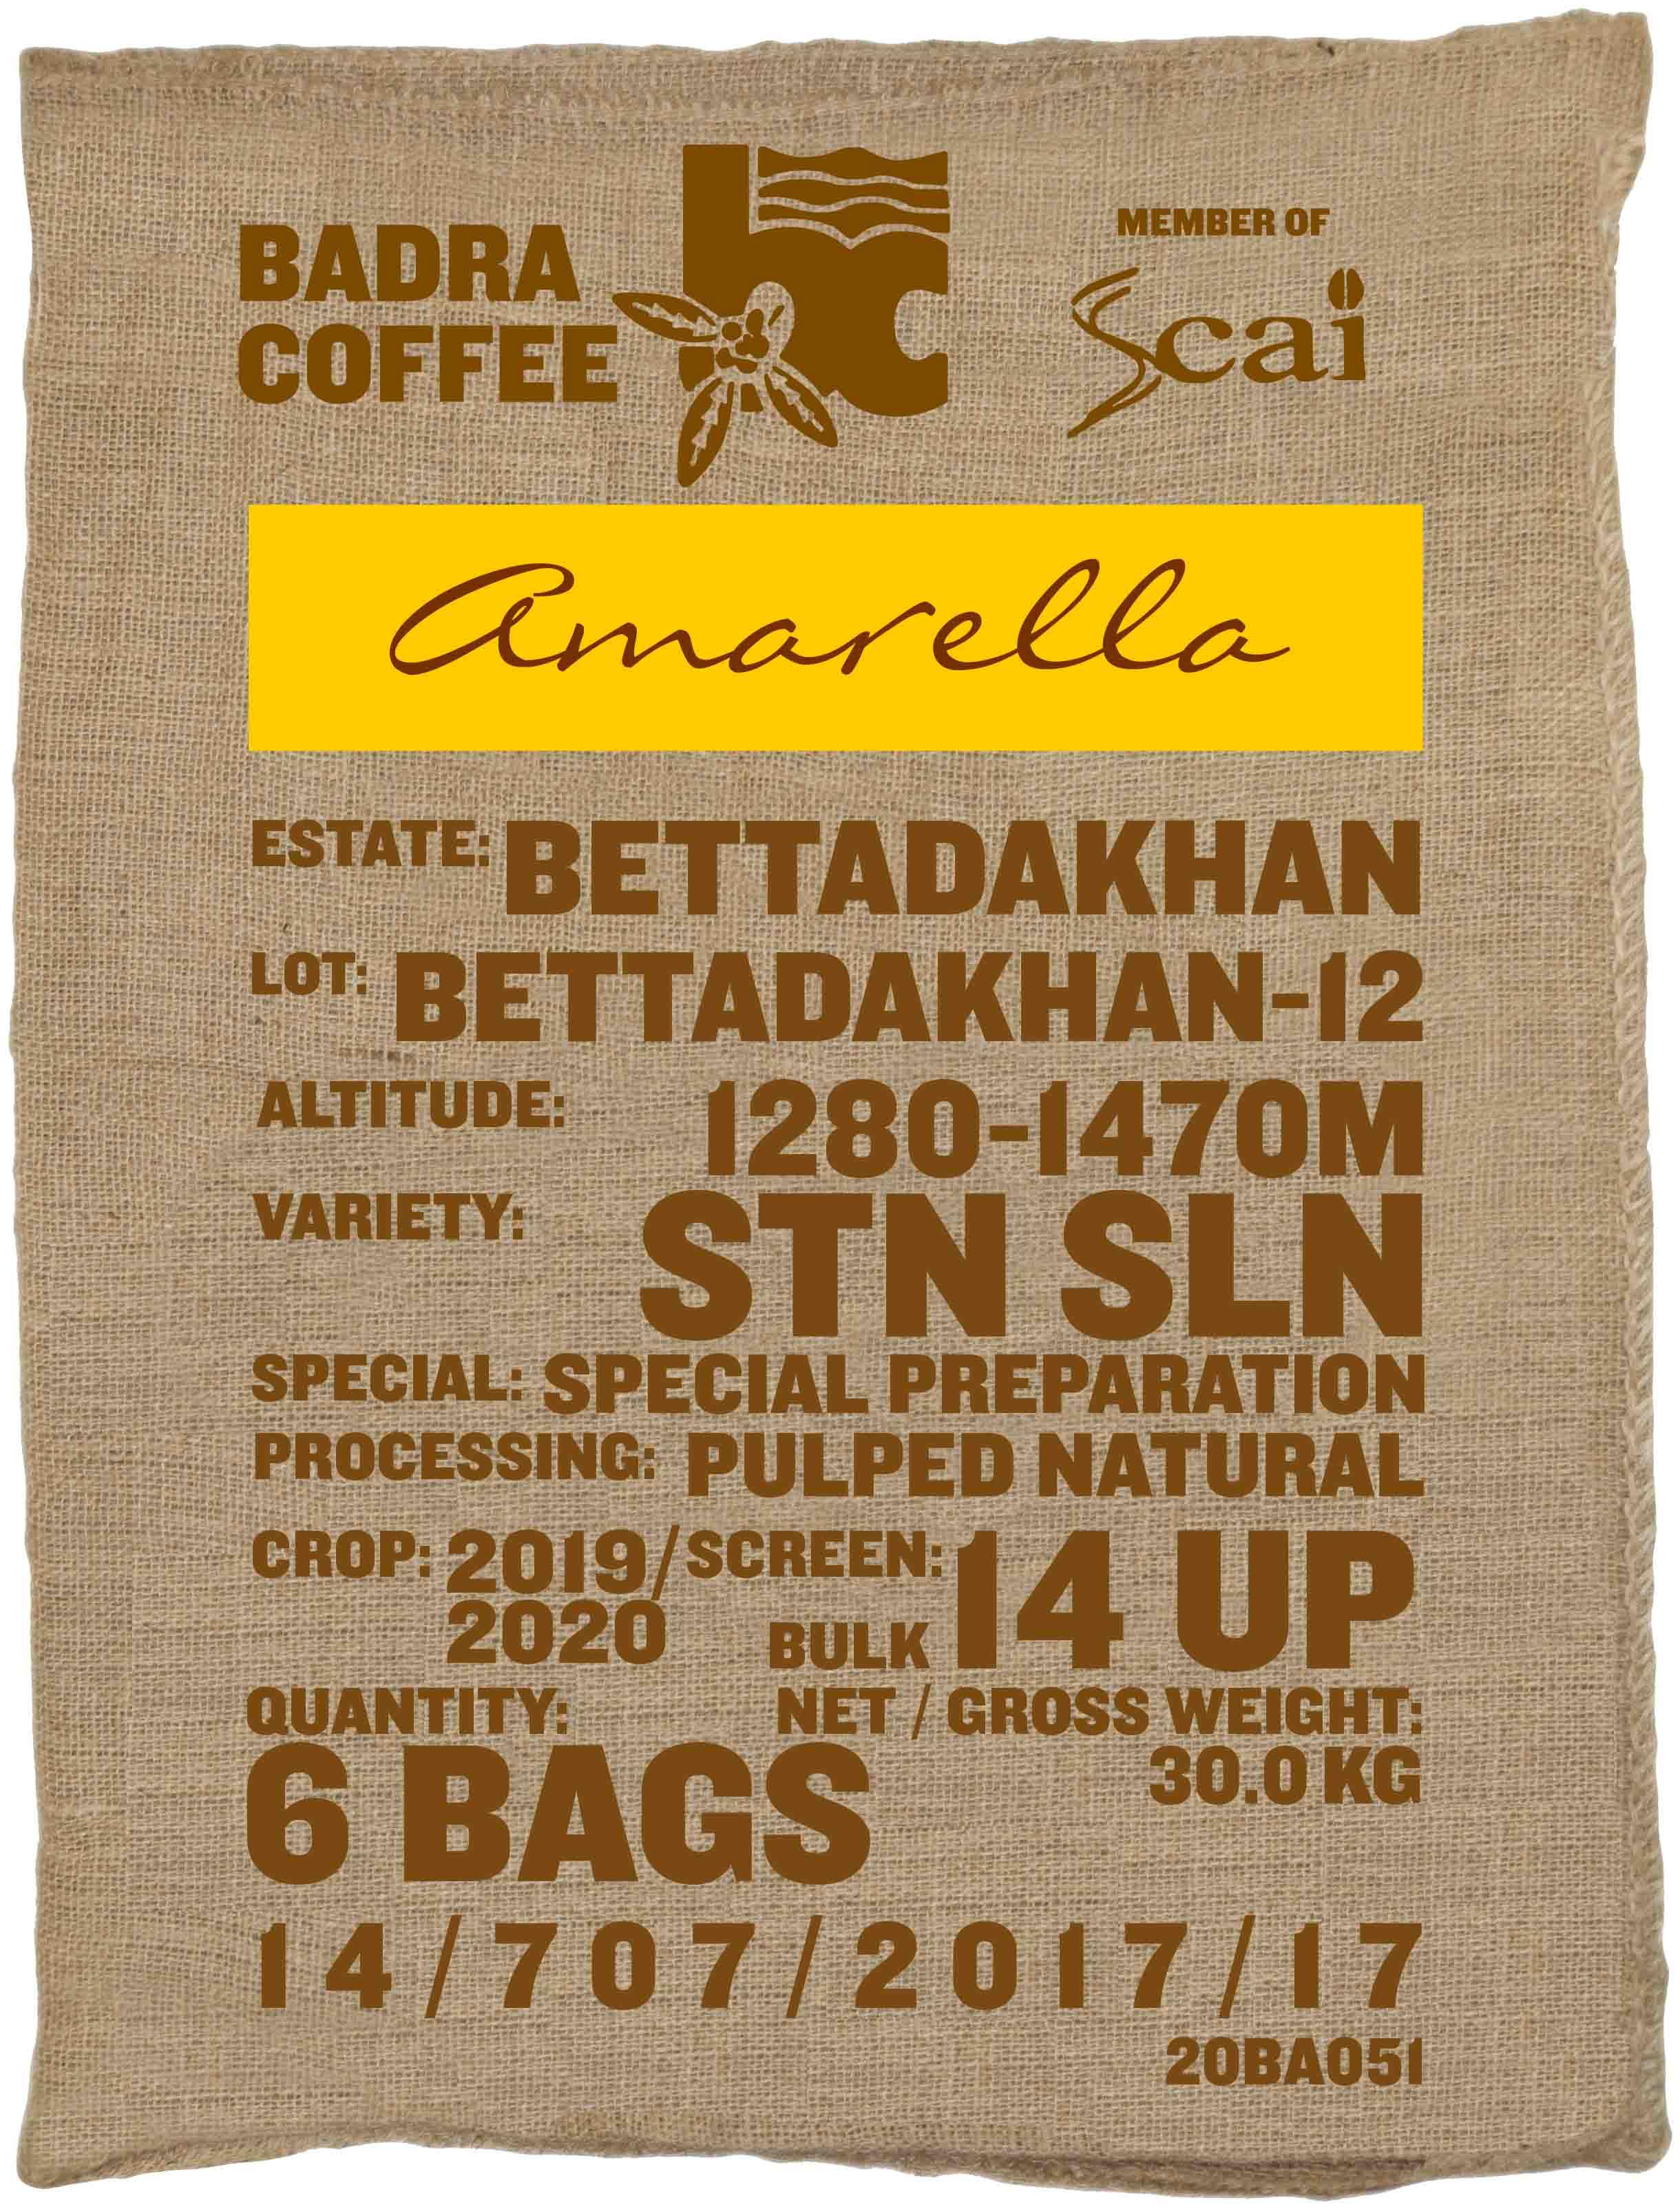 Ein Rohkaffeesack amarella Parzellenkaffee Varietät STN SLN. Badra Estates Lot Bettadakhan 12.